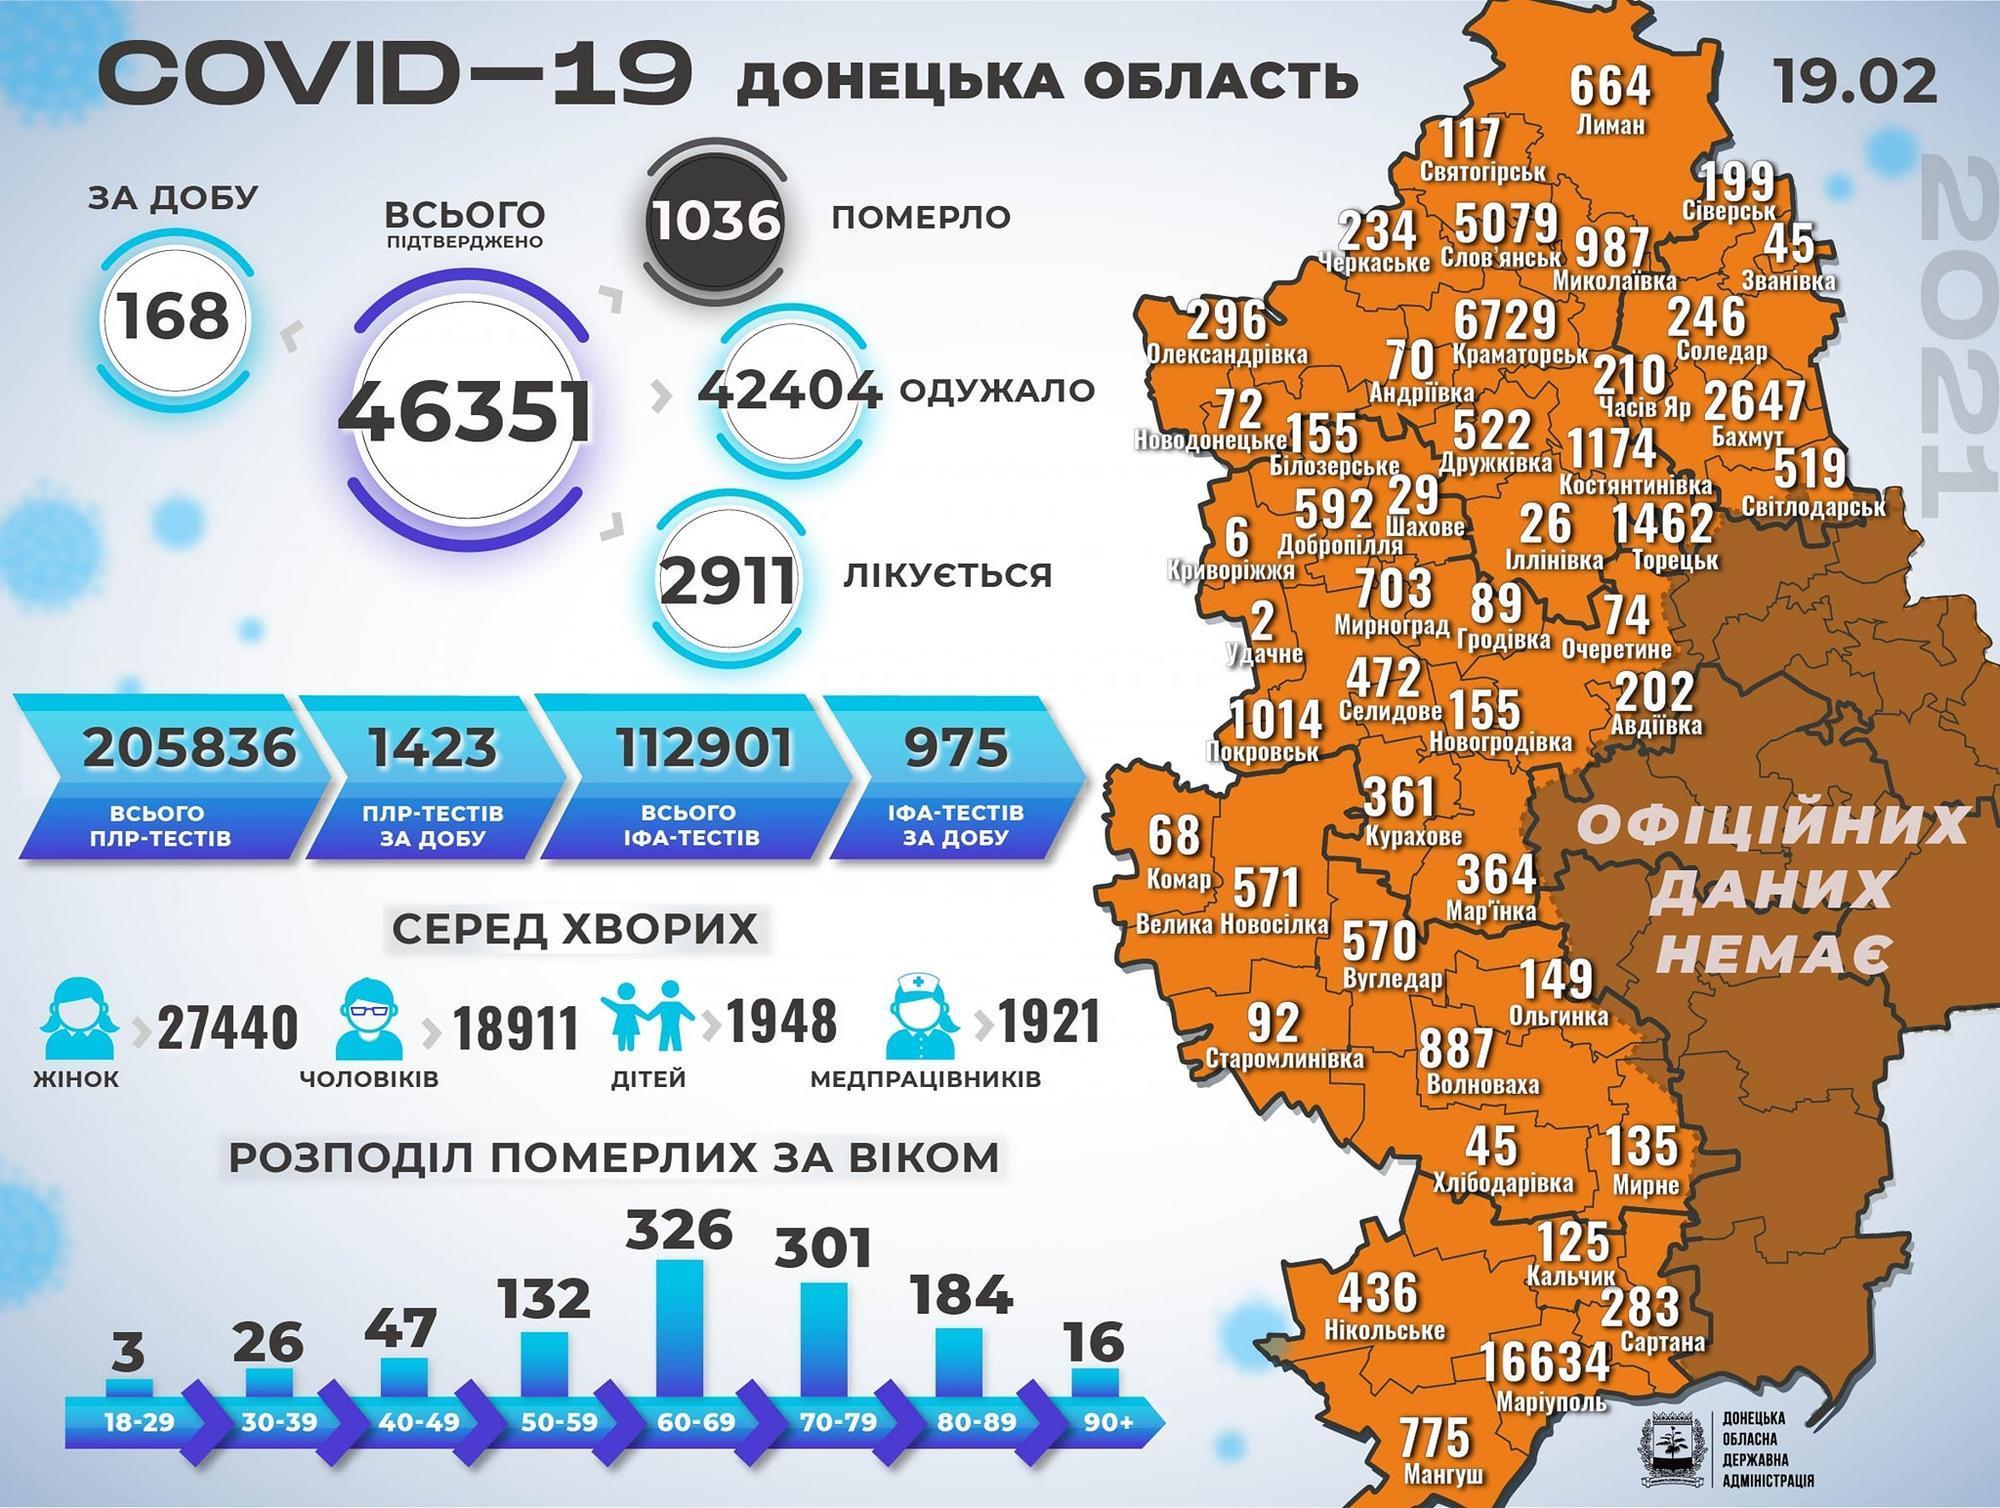 Статистика коронавыруса в Донецкой области по состоянию на 20 февраля